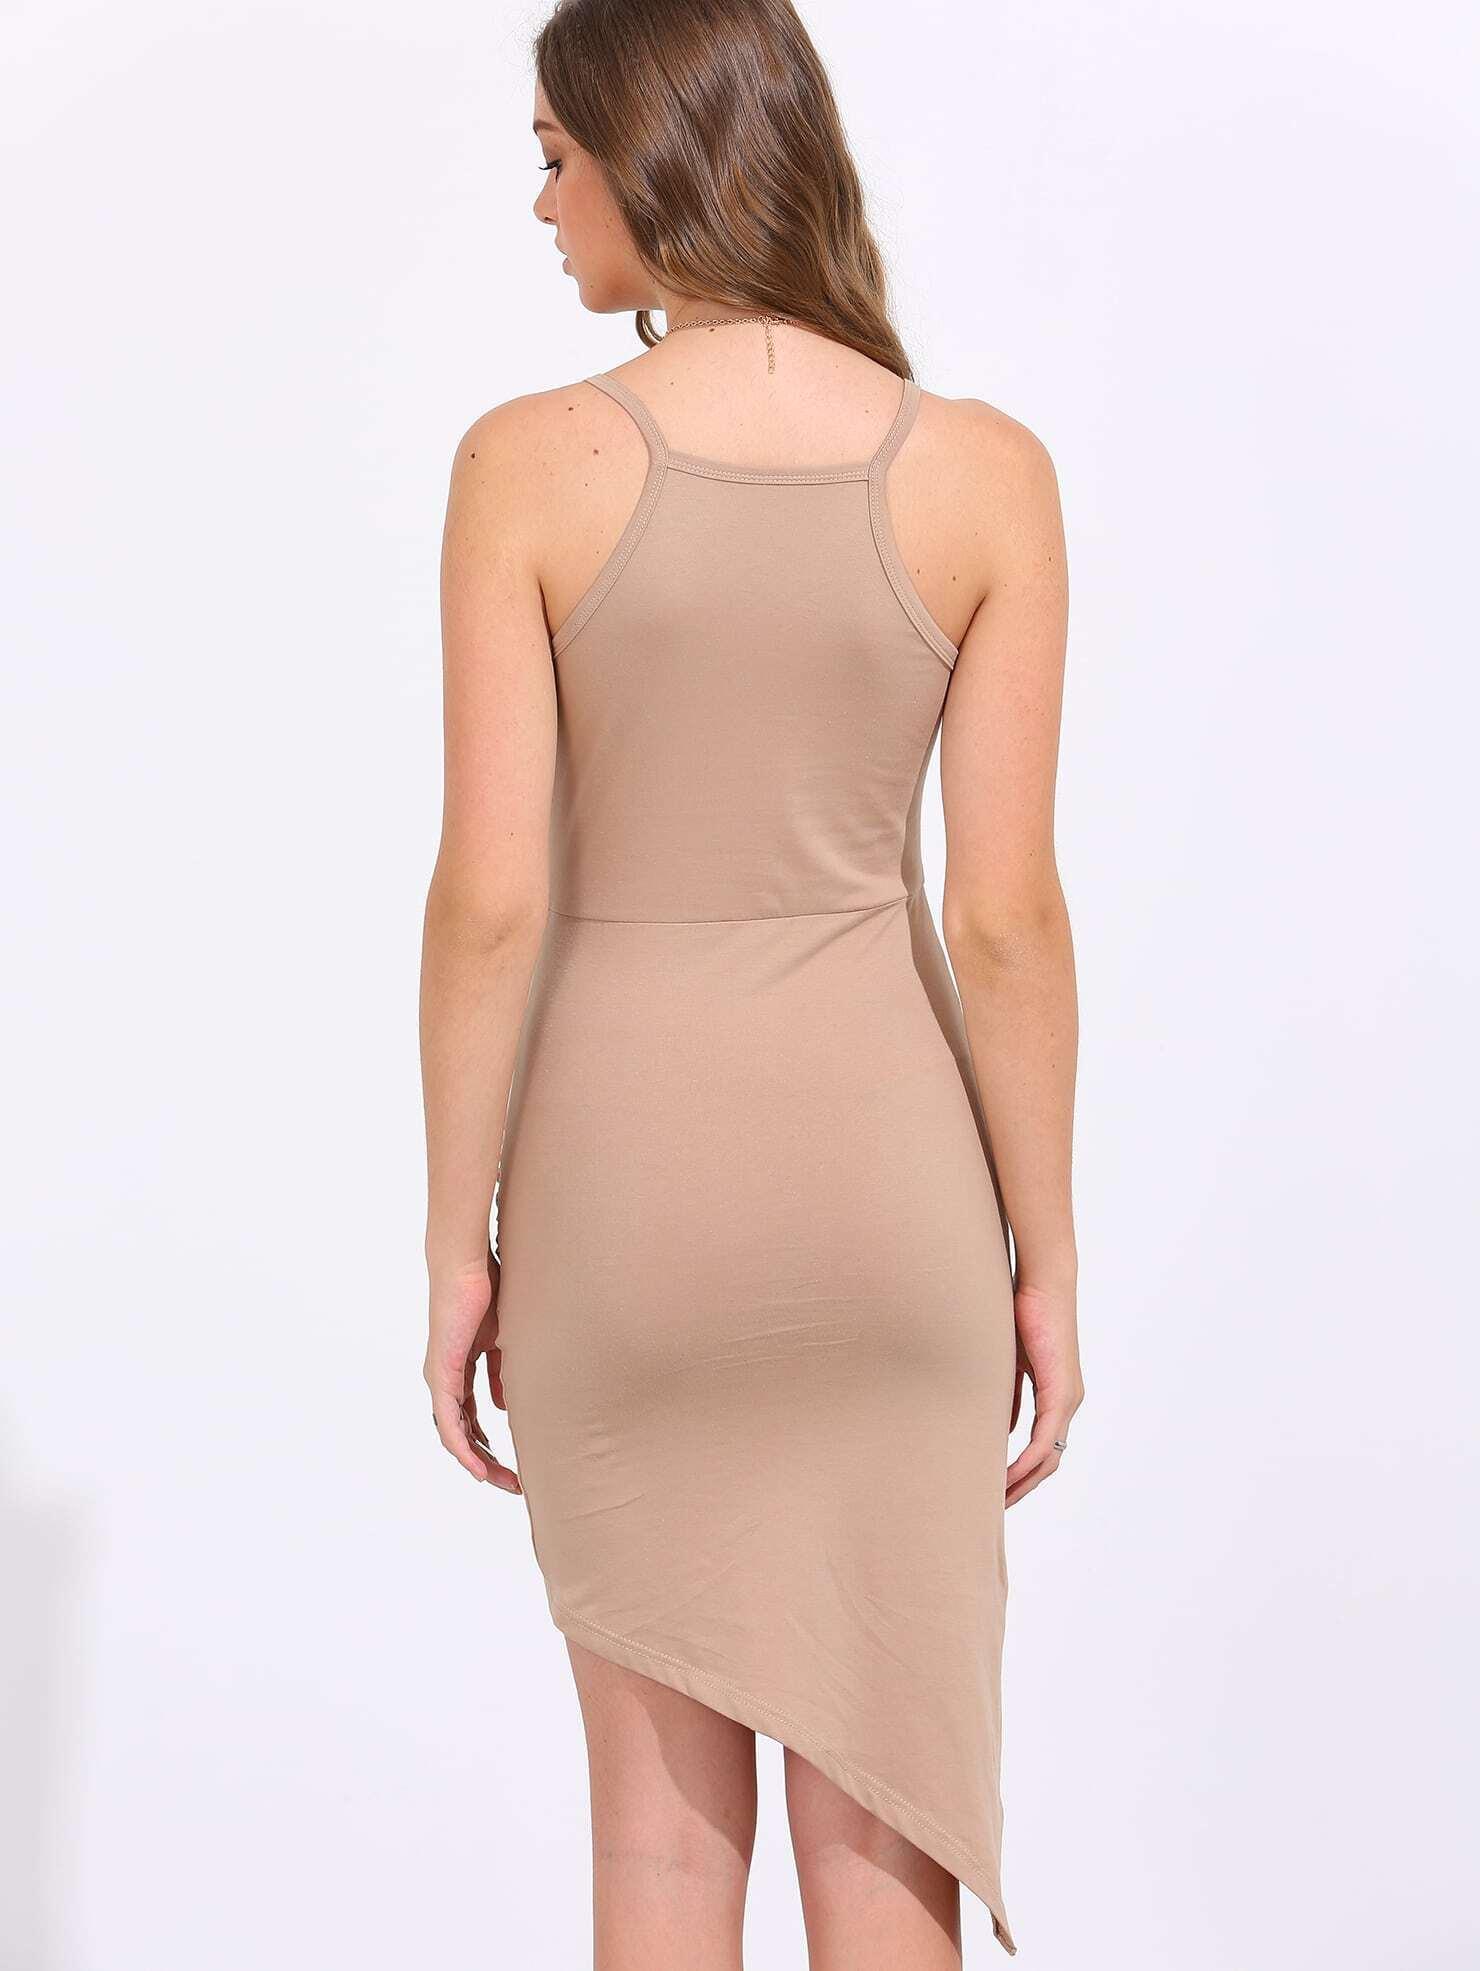 Sequin Embellished Gauze Overlay Back Slit Beige Dress race day